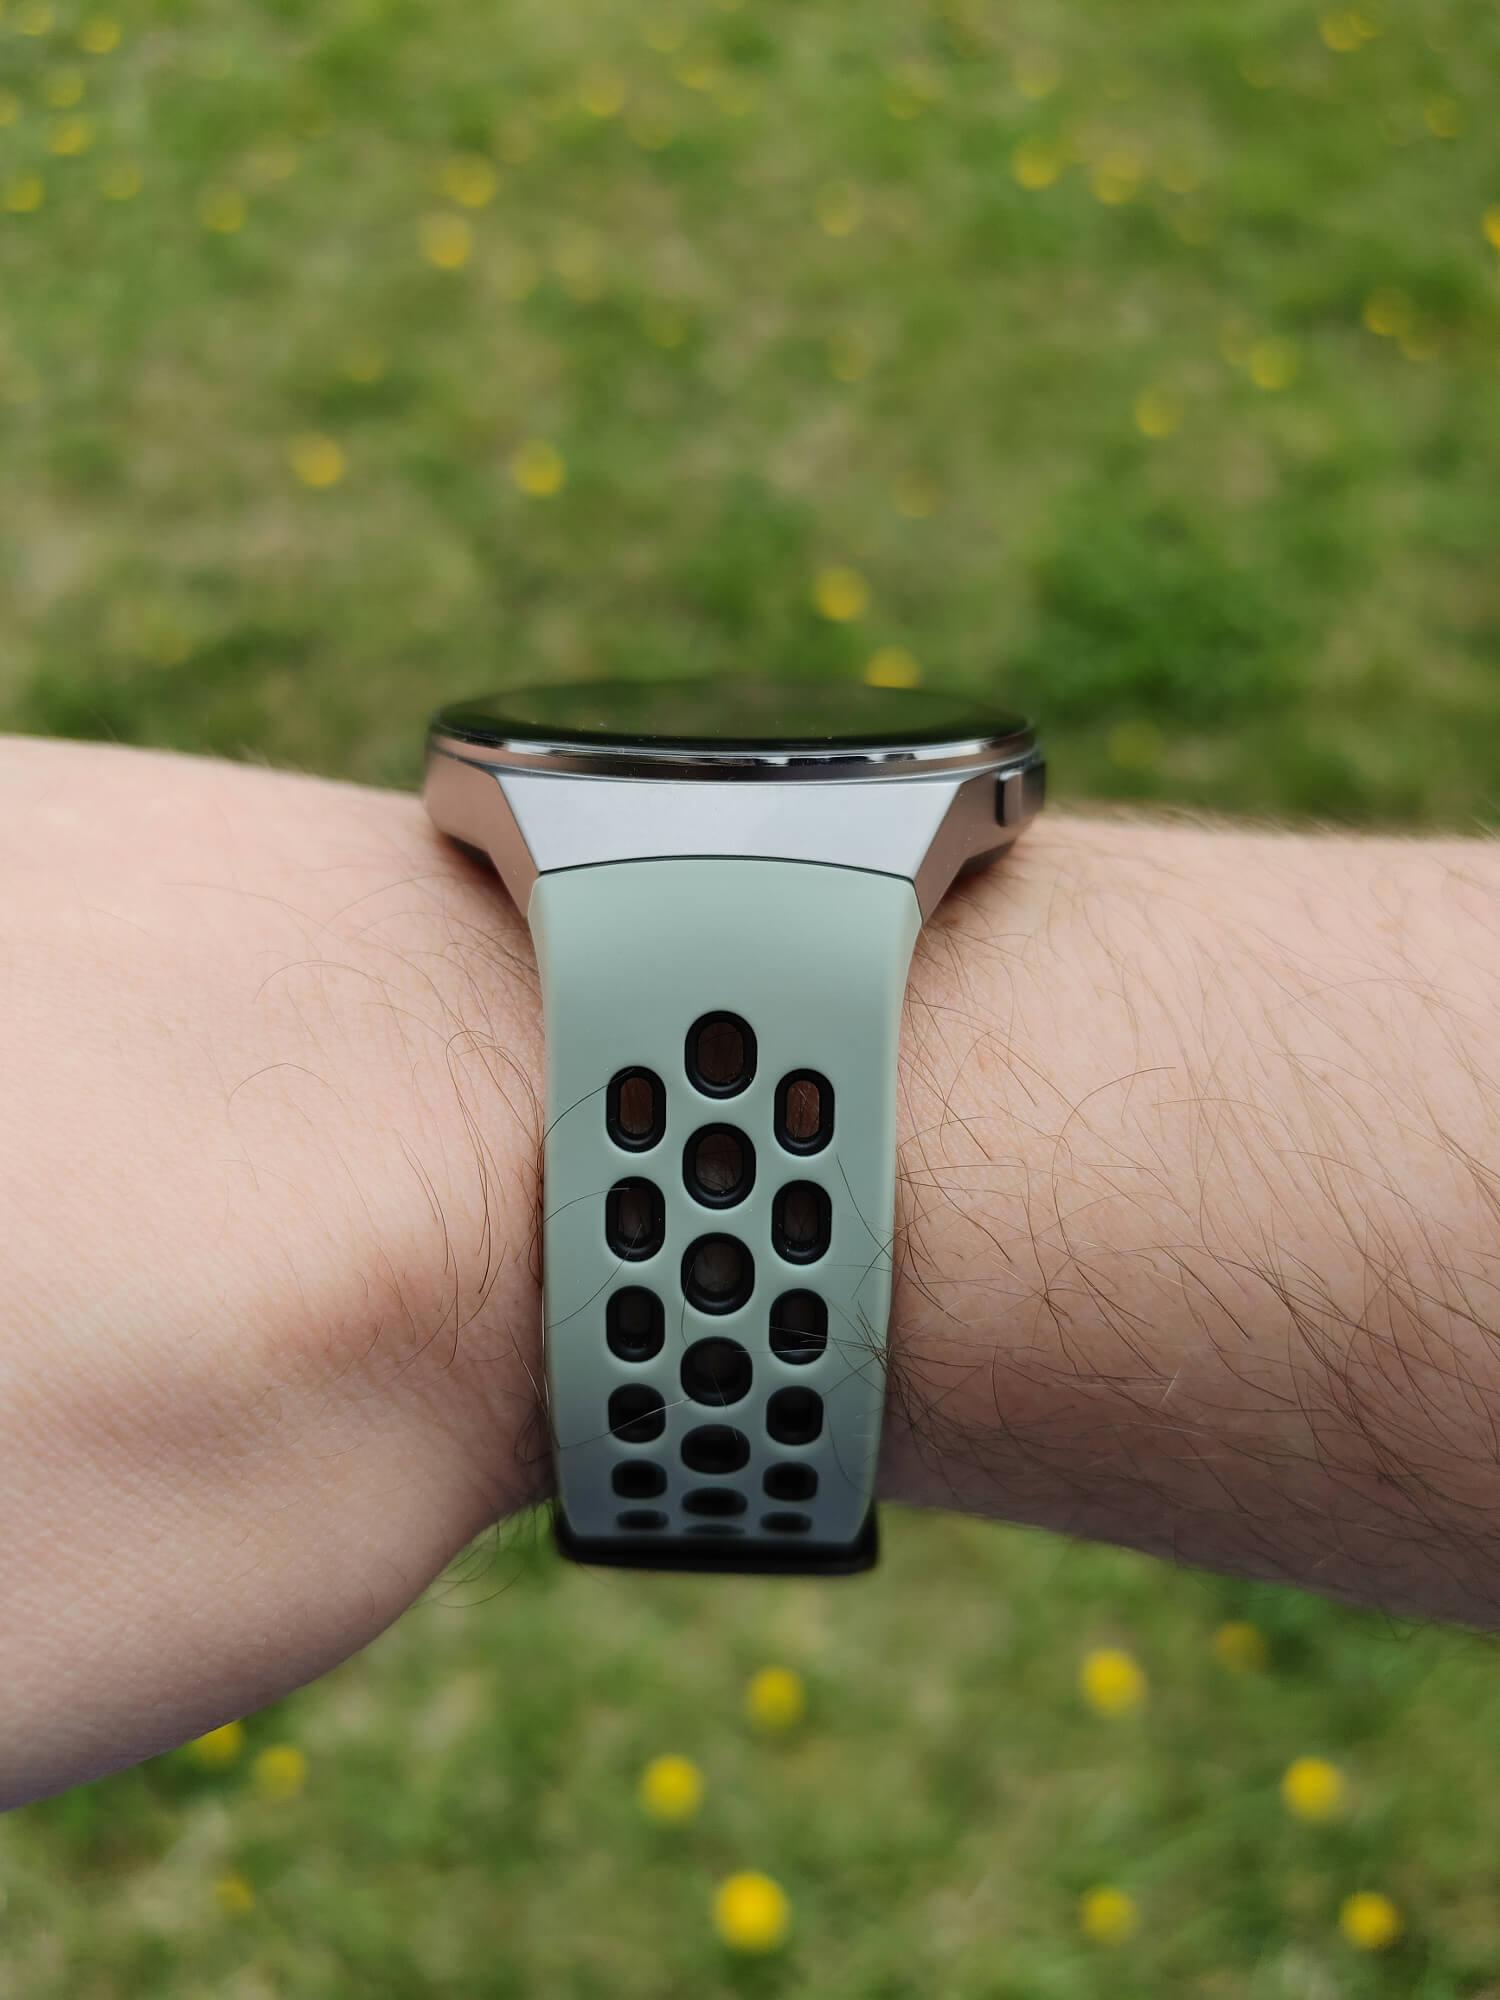 Huawei Watch GT 2e test